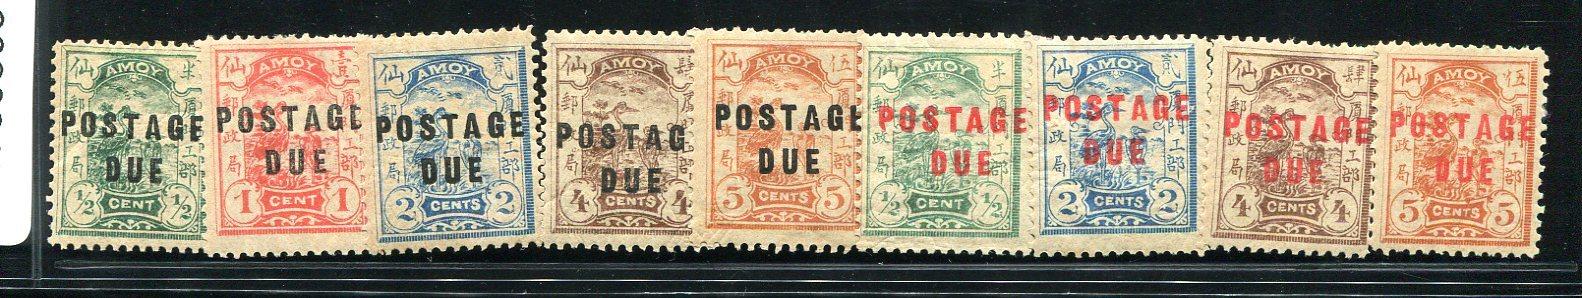 厦门8 第一次加盖欠资邮票